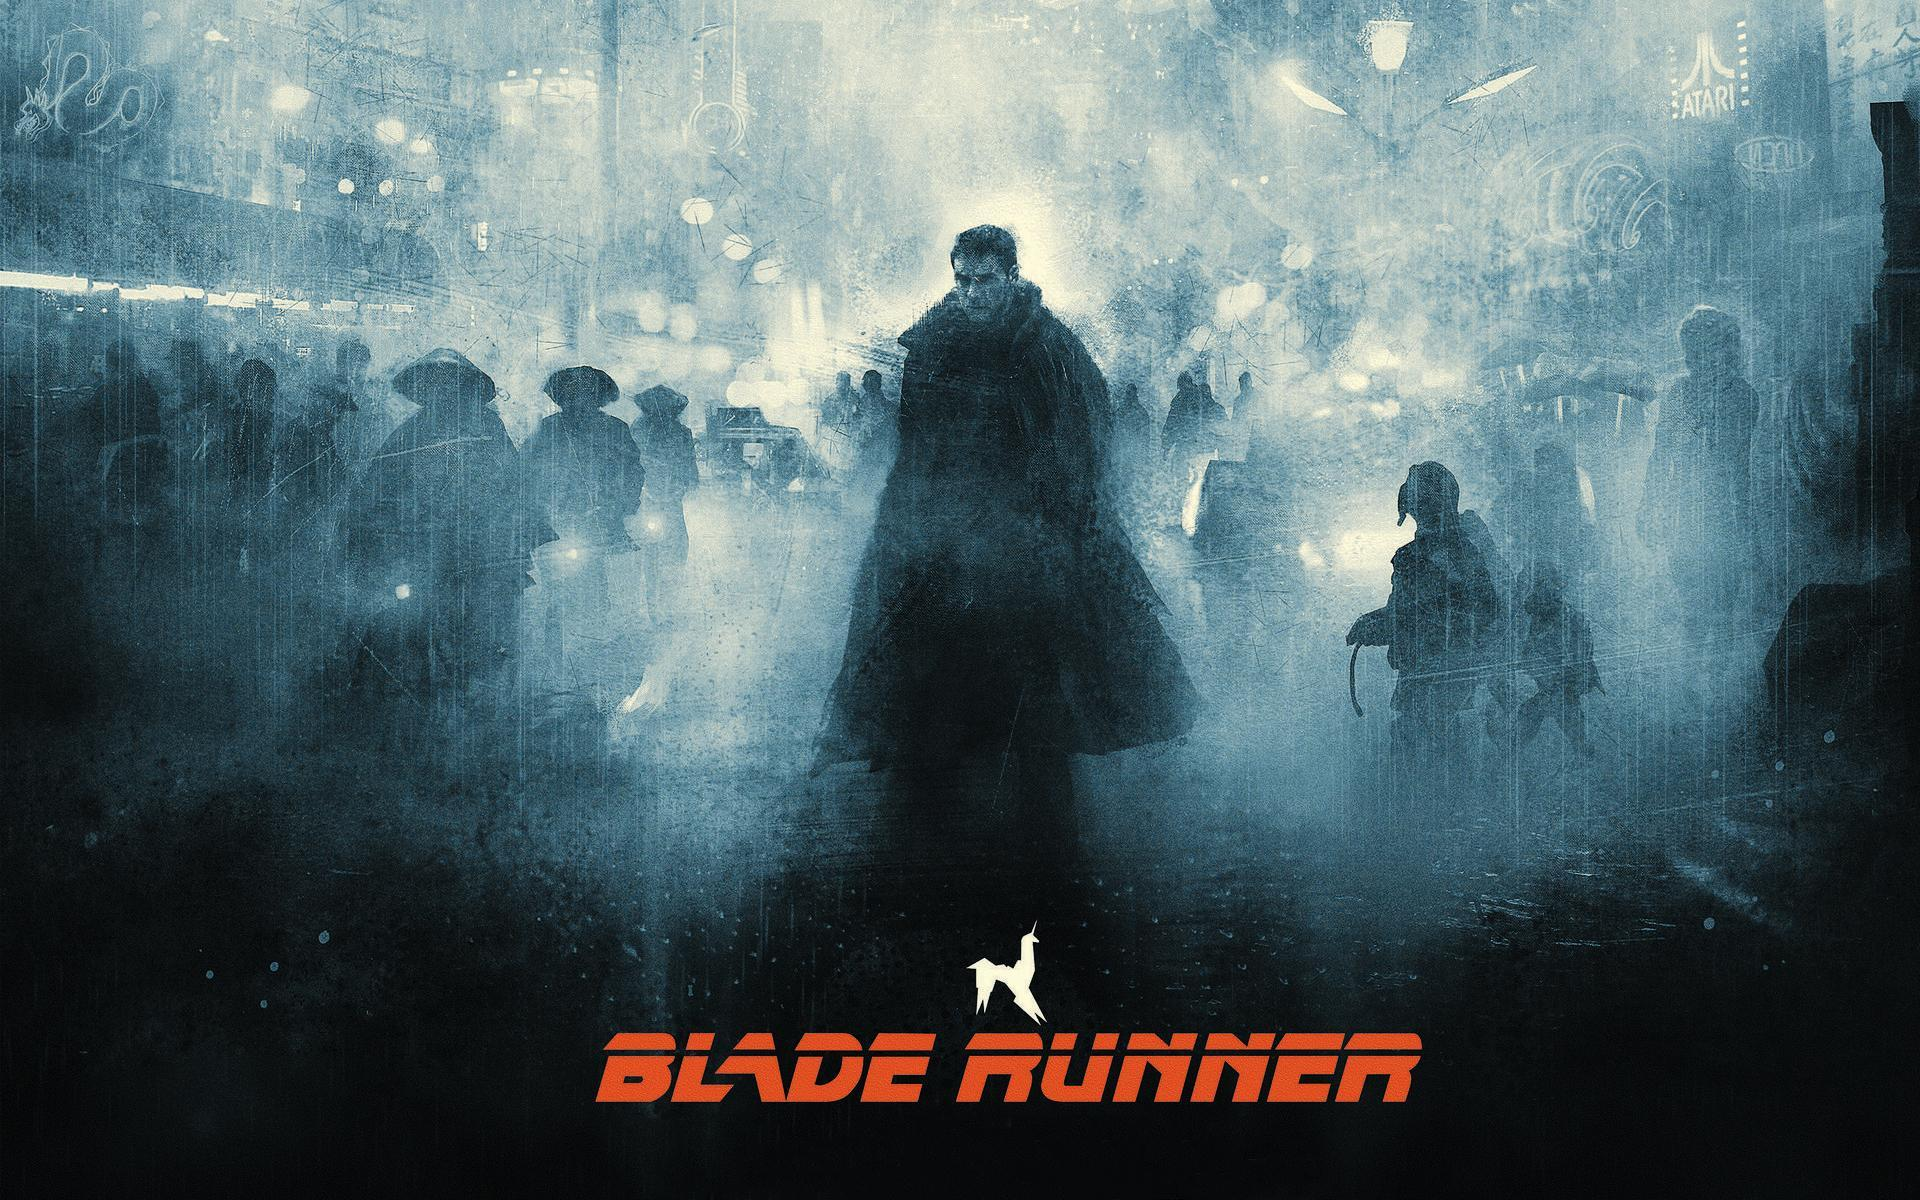 Blade runner обои 7